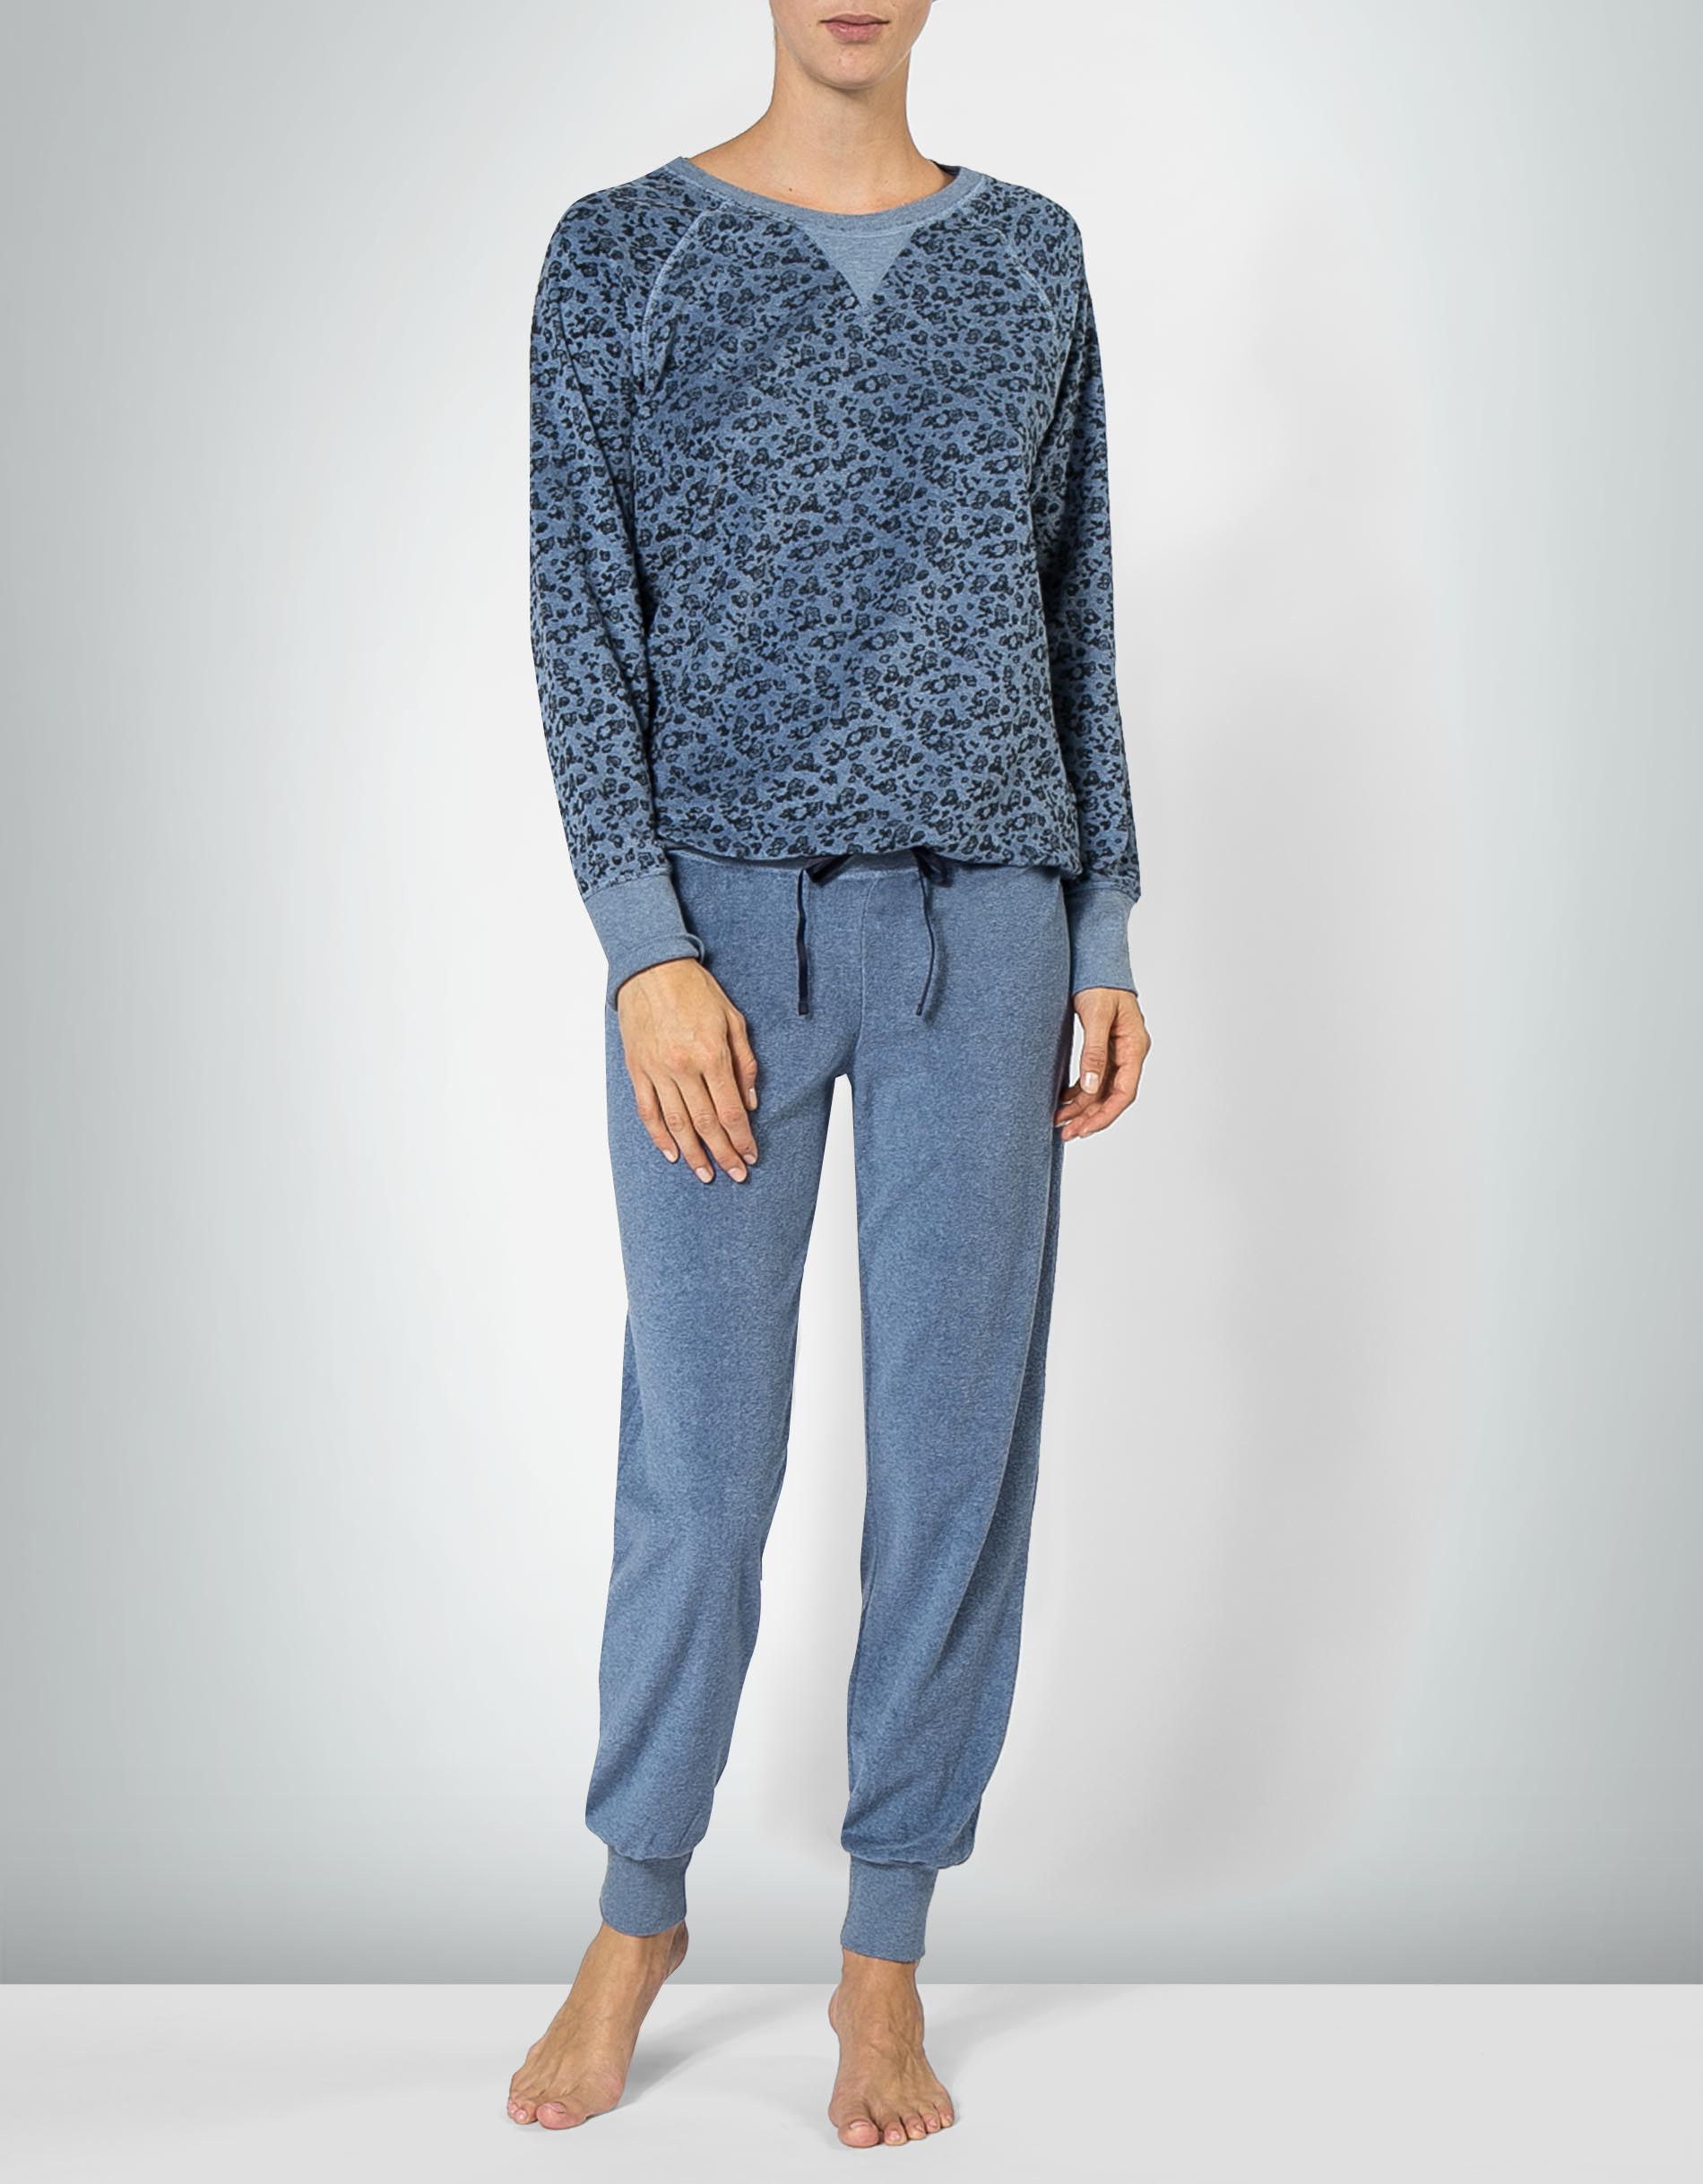 63fd49e49cd4d7 Seidensticker Damen Pyjama lang in Nicki-Qualität empfohlen von Deinen  Schwestern